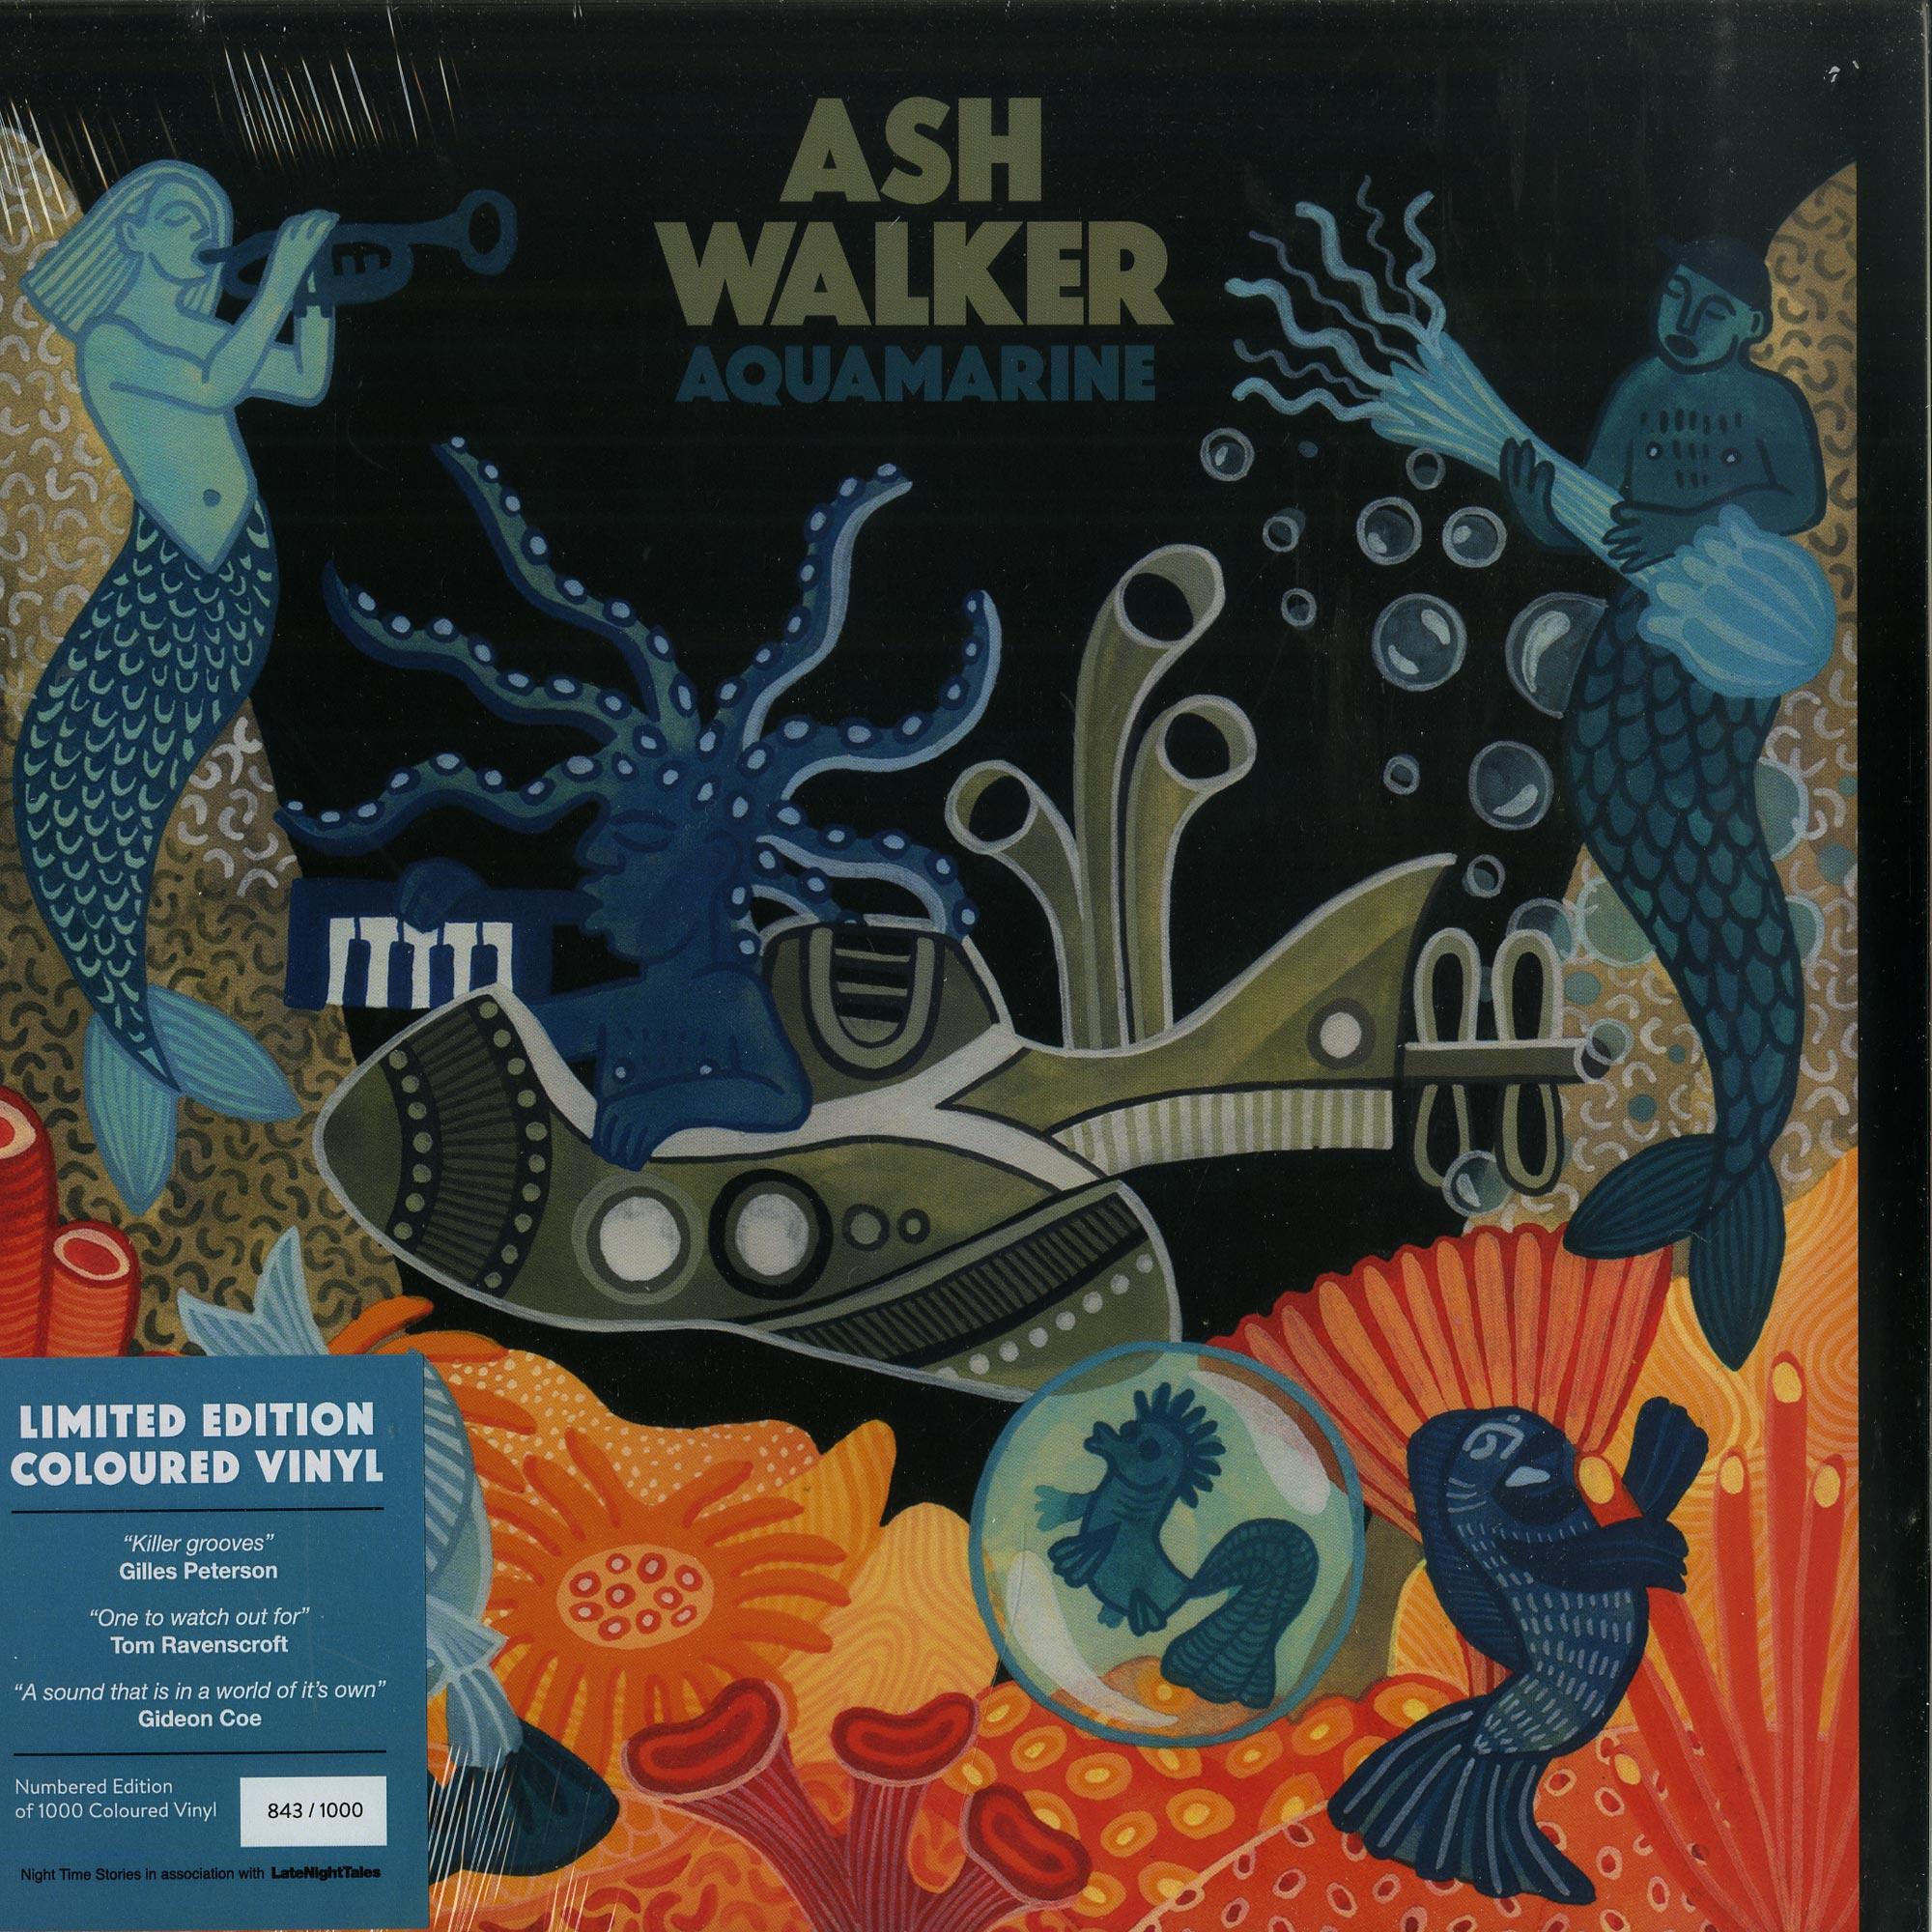 Ash Walker - AQUA MARINE